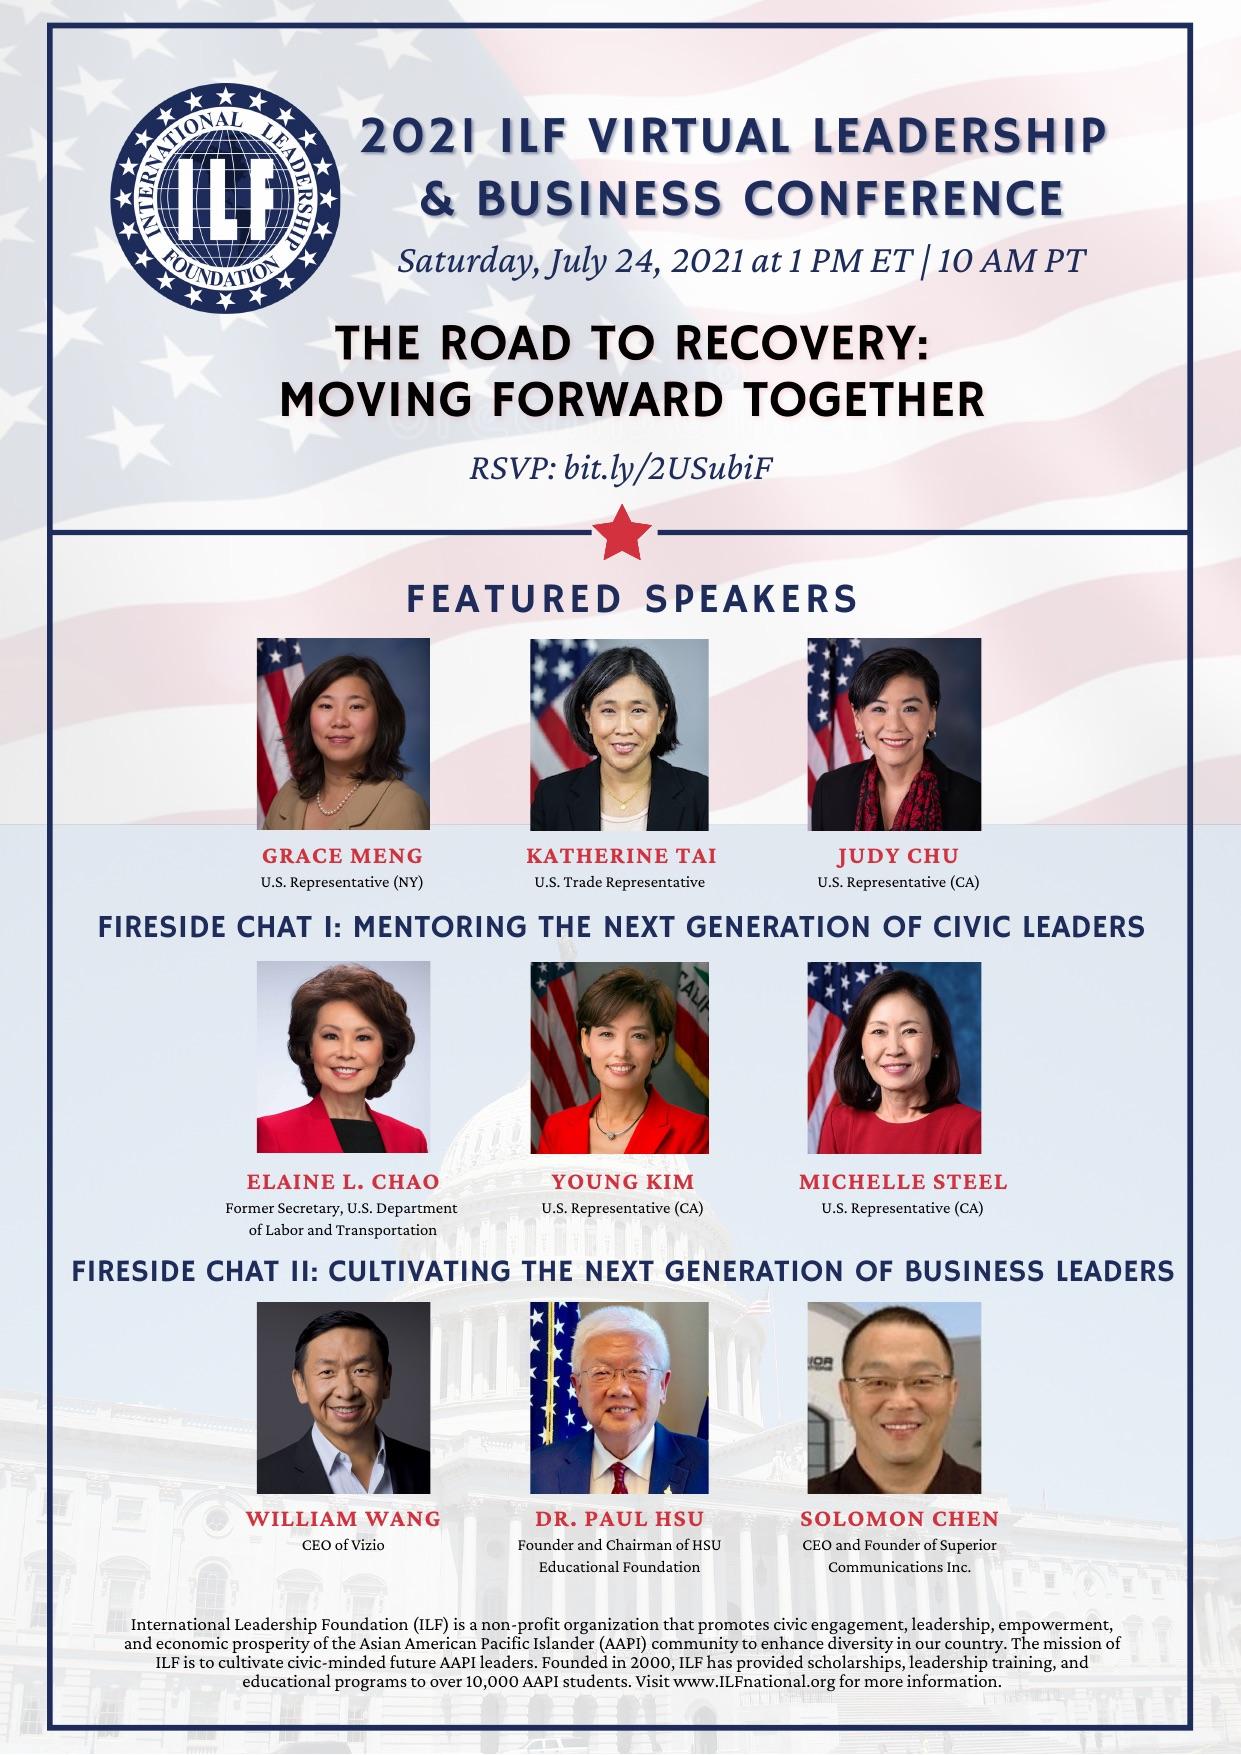 國際領袖基金會企業與領袖高峰會網上舉行   團結亞裔社區 共同面對挑戰